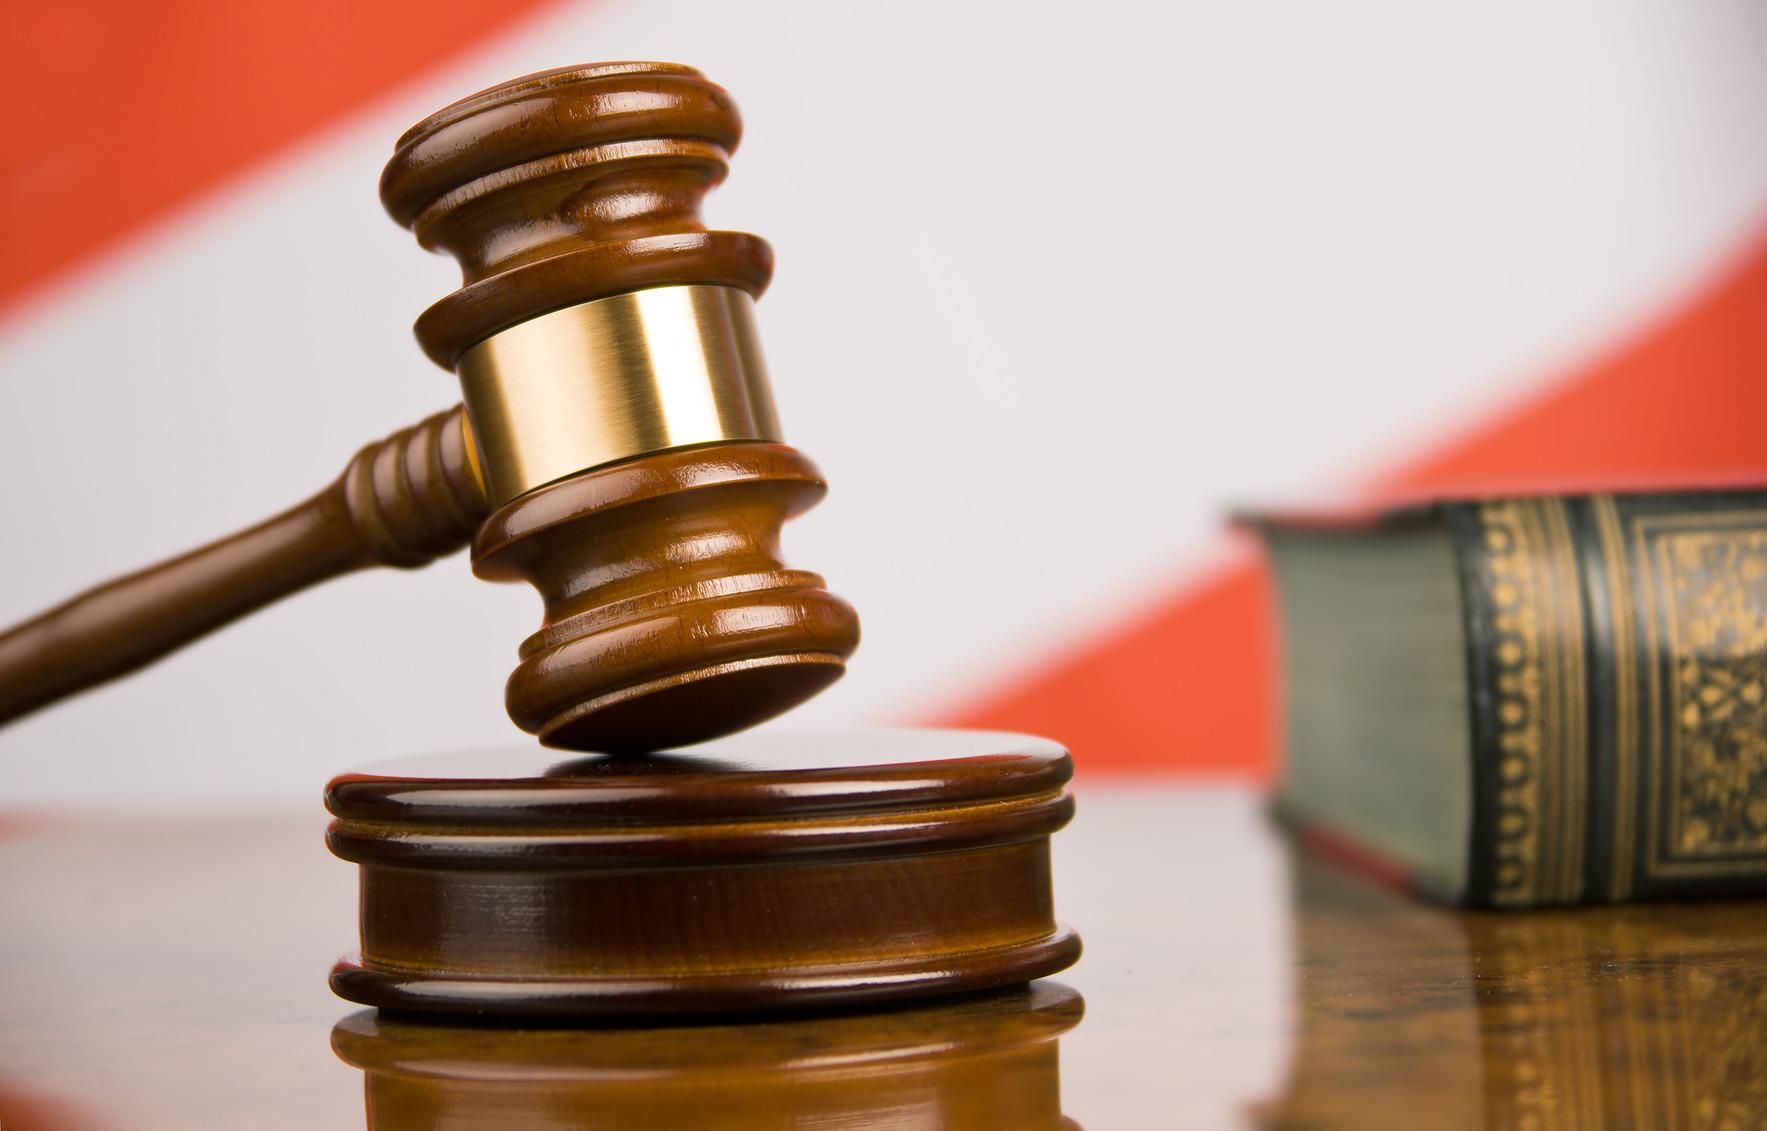 Βόρεια Μακεδονία: Η εμπιστοσύνη του κόσμου στο δικαστικό σώμα παραμένει χαμηλή